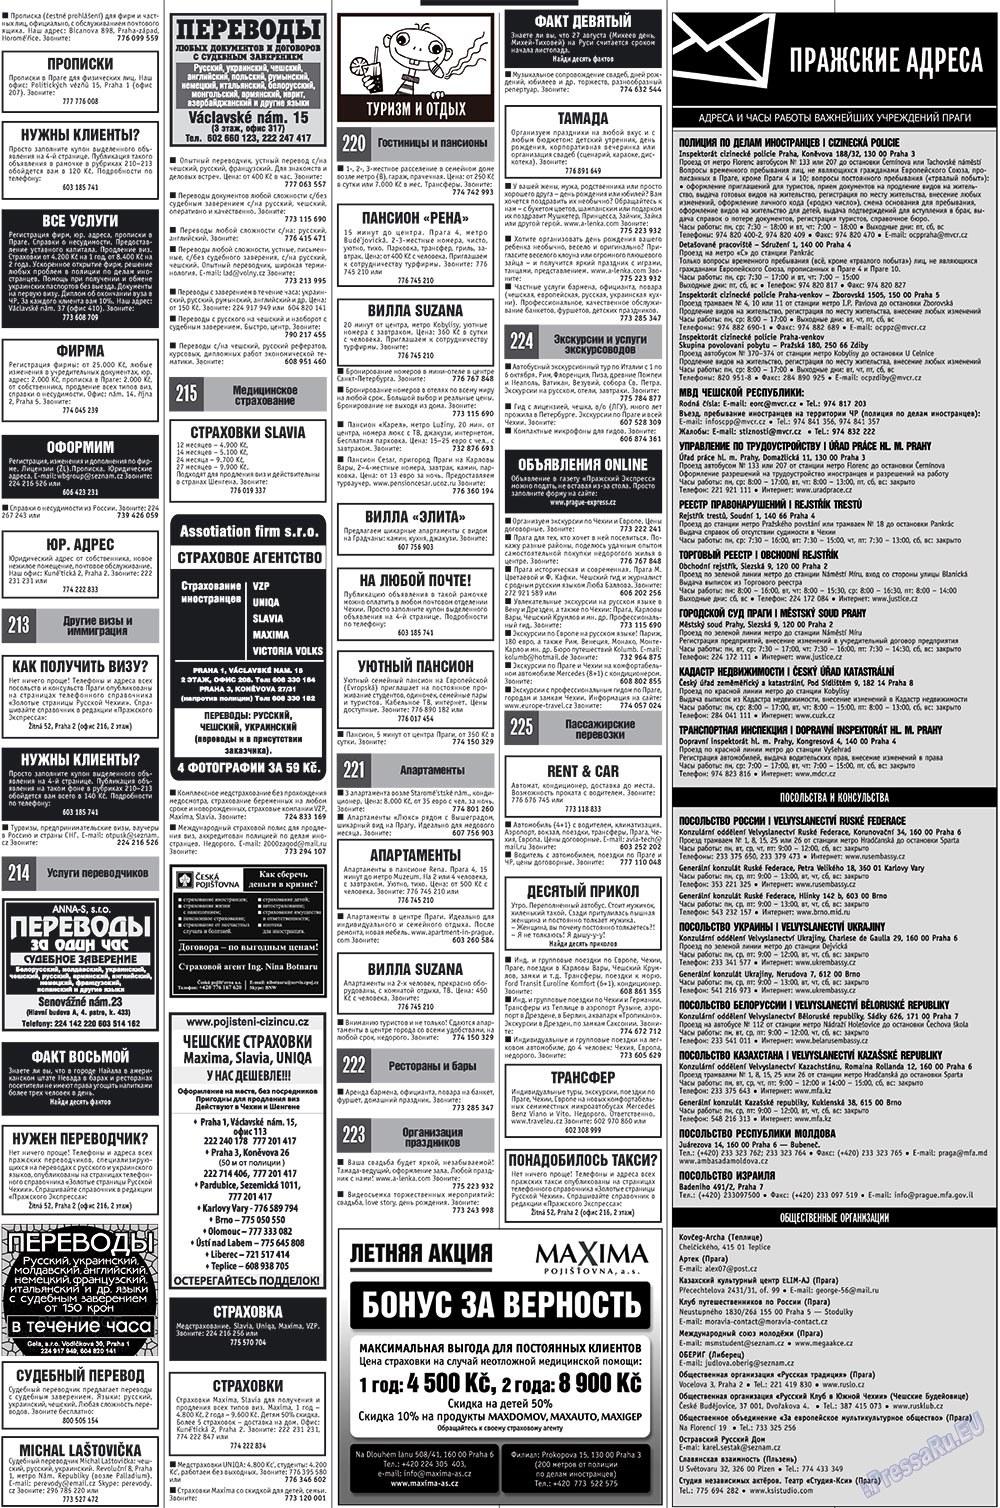 Пражский экспресс (газета). 2009 год, номер 34, стр. 9